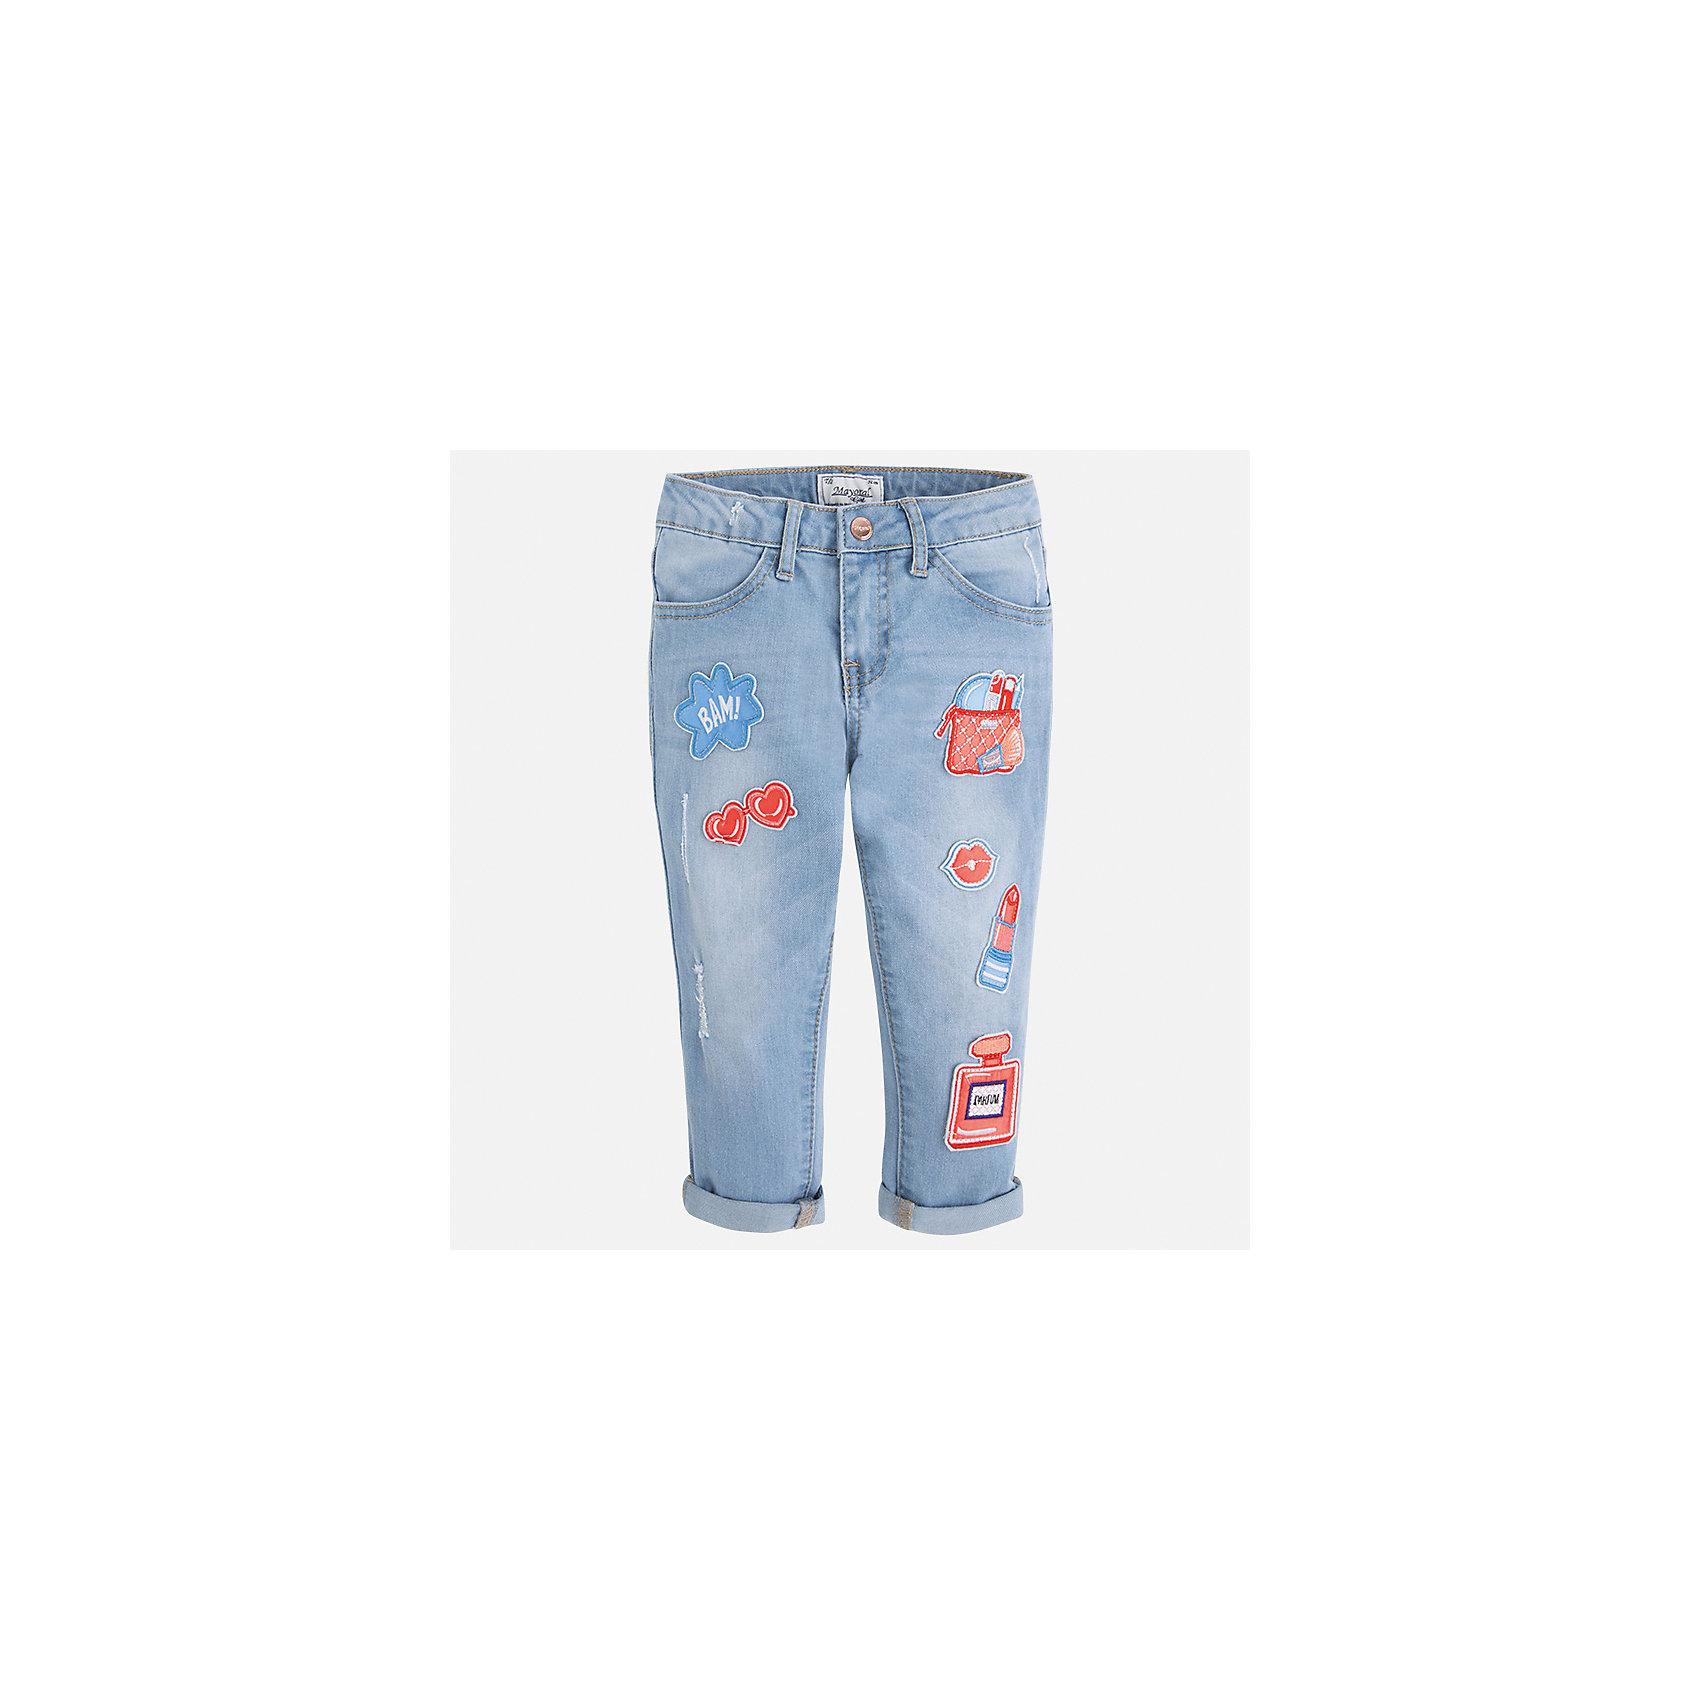 Бриджи джинсовые для девочки MayoralВесенняя капель<br>Характеристики товара:<br><br>• цвет: голубой<br>• состав: 68% хлопок, 29% полиэстер, 2% эластан<br>• шлевки<br>• карманы<br>• пояс с регулировкой объема<br>• отвороты<br>• страна бренда: Испания<br><br>Модные легкие брюки для девочки смогут разнообразить гардероб ребенка и украсить наряд. Они отлично сочетаются с майками, футболками, блузками и т.д. Красивый оттенок позволяет подобрать к вещи верх разных расцветок. Интересная отделка модели делает её нарядной и оригинальной. В составе материала - натуральный хлопок, гипоаллергенный, приятный на ощупь, дышащий.<br><br>Одежда, обувь и аксессуары от испанского бренда Mayoral полюбились детям и взрослым по всему миру. Модели этой марки - стильные и удобные. Для их производства используются только безопасные, качественные материалы и фурнитура. Порадуйте ребенка модными и красивыми вещами от Mayoral! <br><br>Бриджи для девочки от испанского бренда Mayoral (Майорал) можно купить в нашем интернет-магазине.<br><br>Ширина мм: 191<br>Глубина мм: 10<br>Высота мм: 175<br>Вес г: 273<br>Цвет: синий<br>Возраст от месяцев: 48<br>Возраст до месяцев: 60<br>Пол: Женский<br>Возраст: Детский<br>Размер: 110,134,92,98,104,116,122,128<br>SKU: 5290337